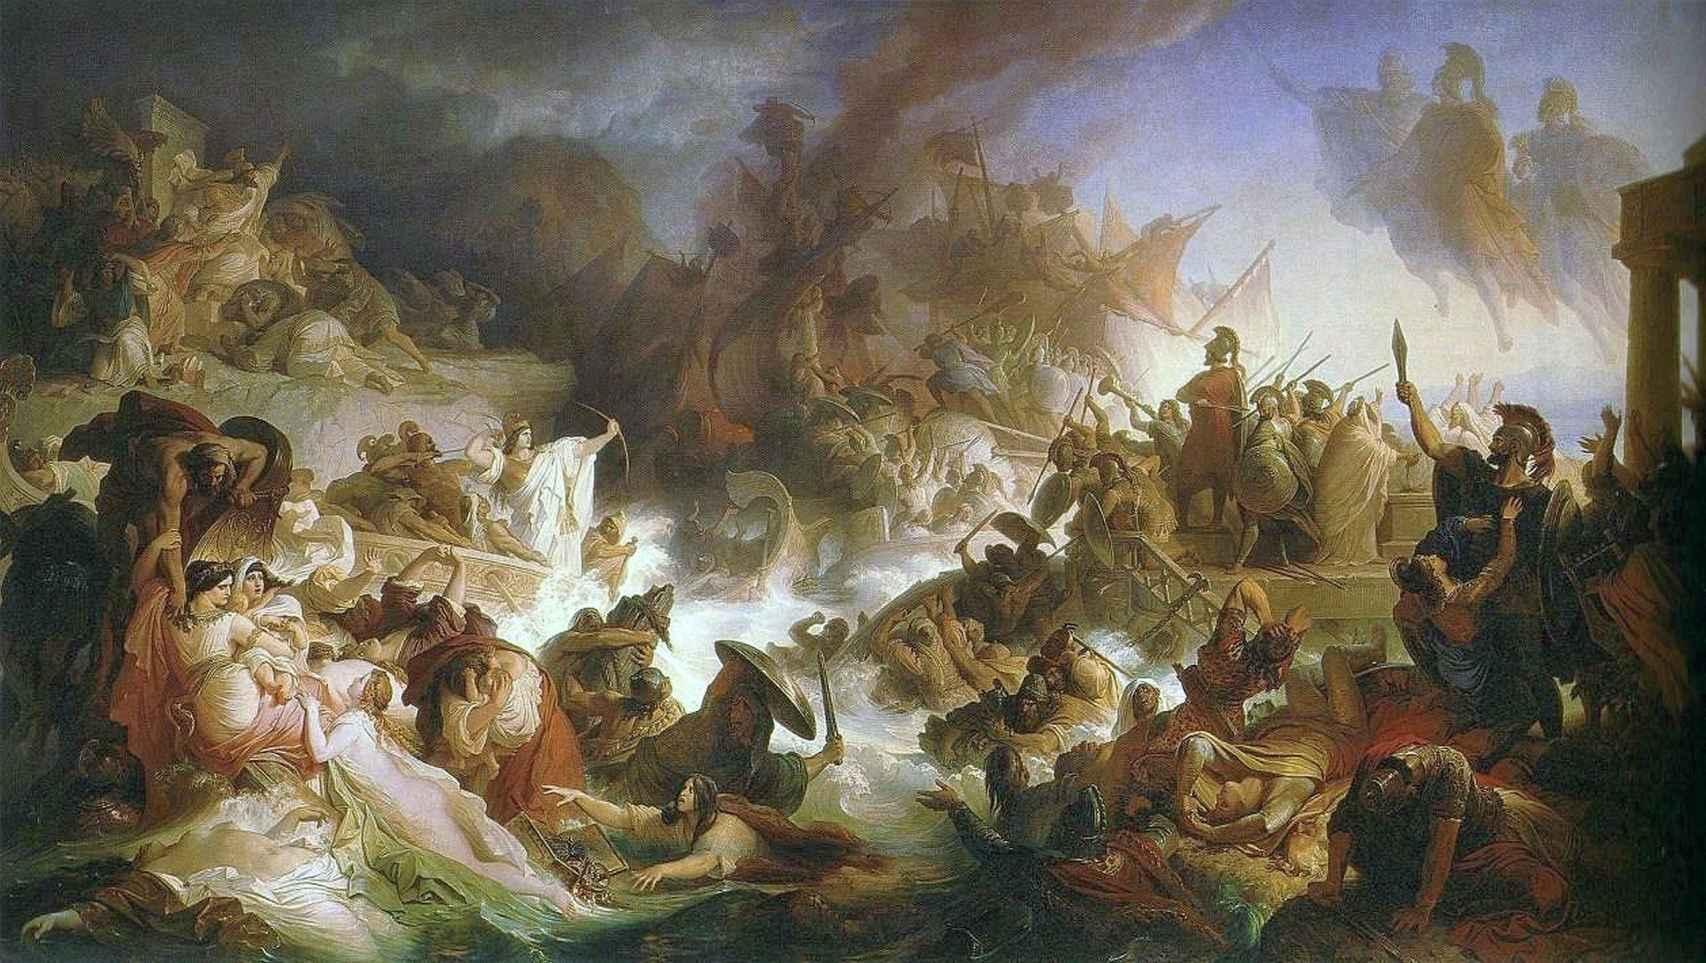 La batalla de Salamina, óleo sobre tela (1868).